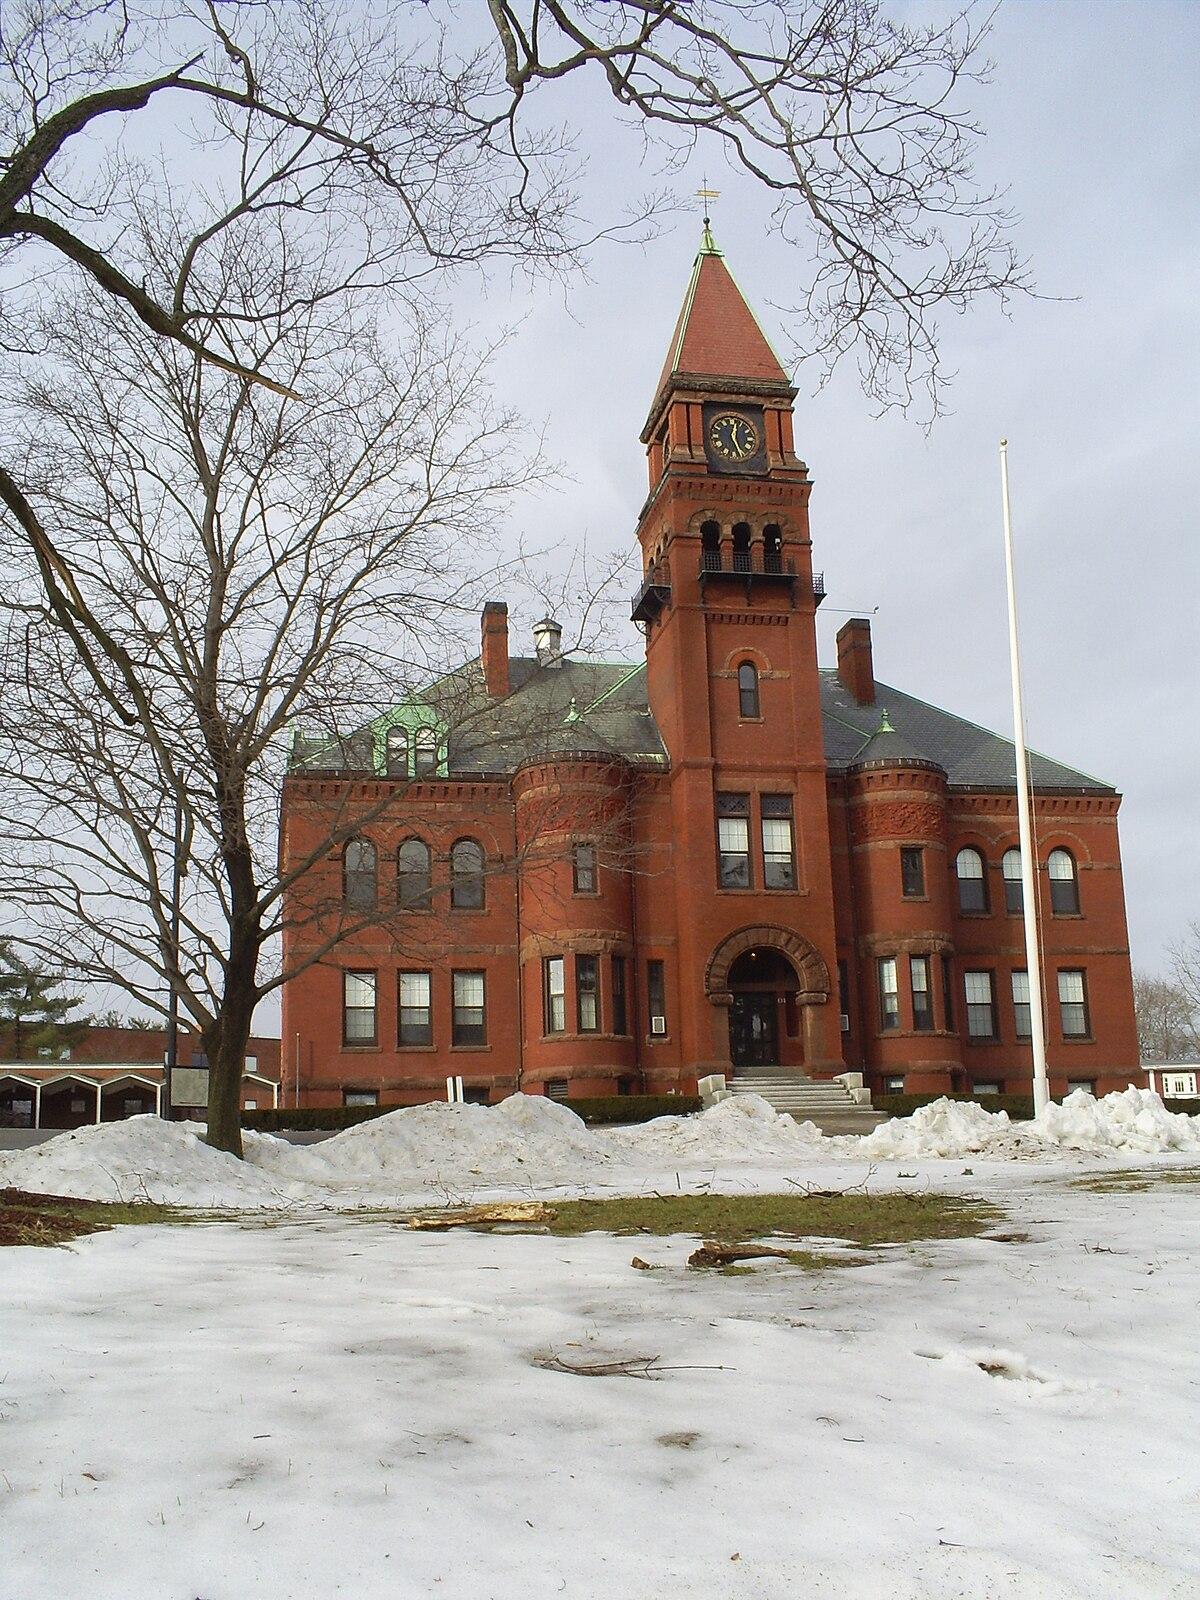 Derry (Nuevo Hampshire) - Wikipedia, la enciclopedia libre